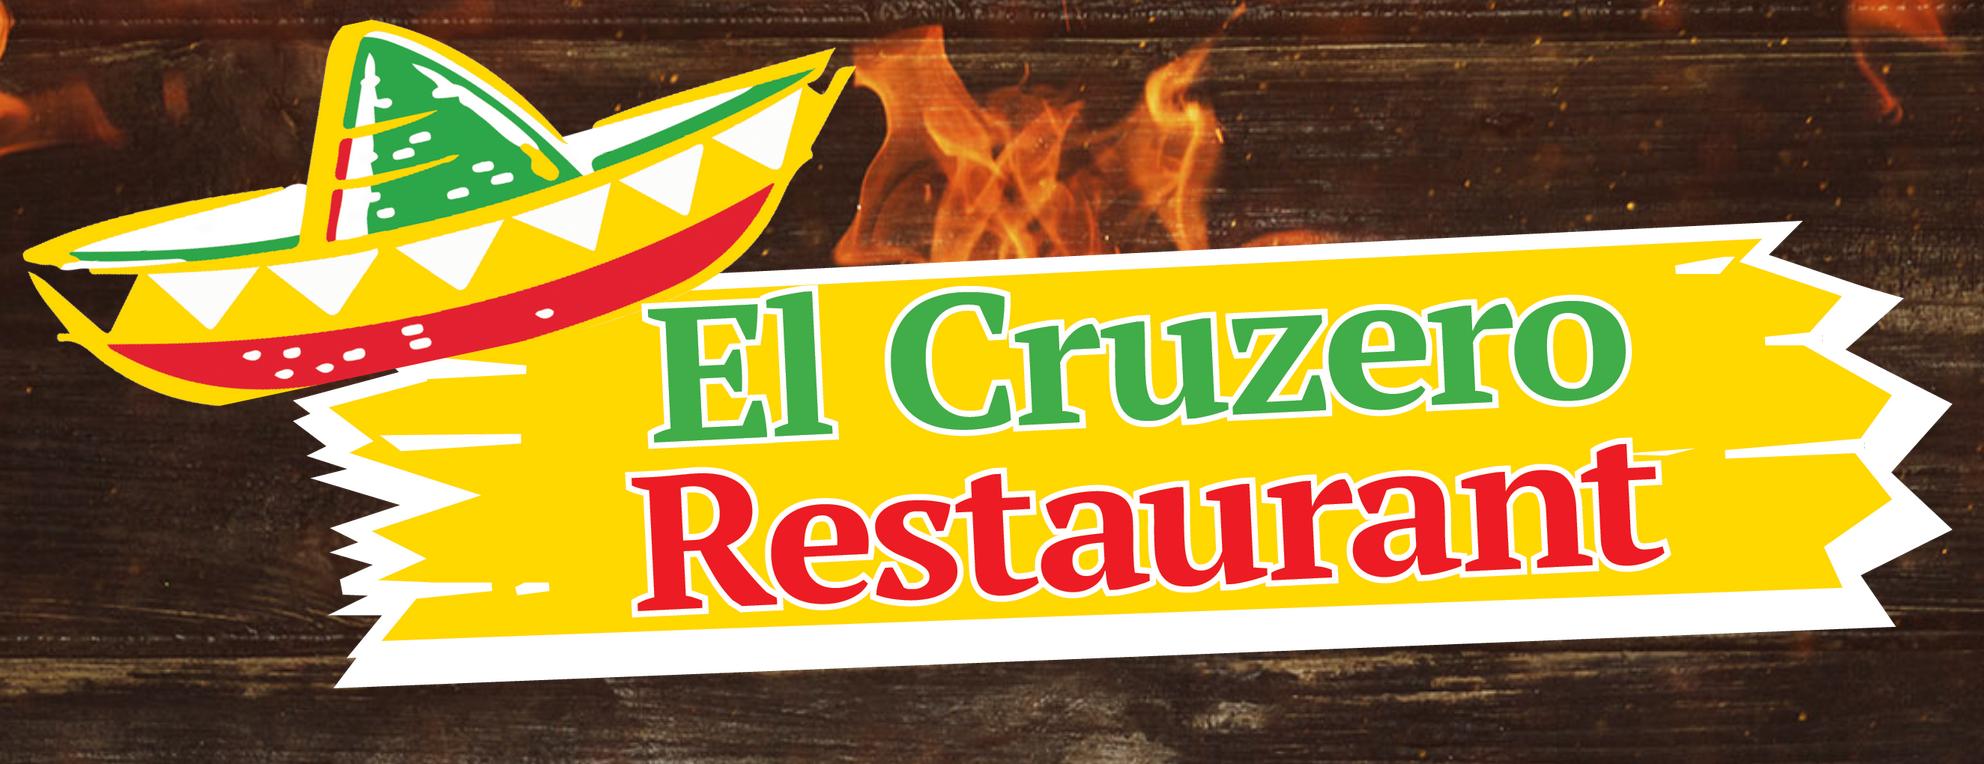 El Cruzero Mexican Buffet